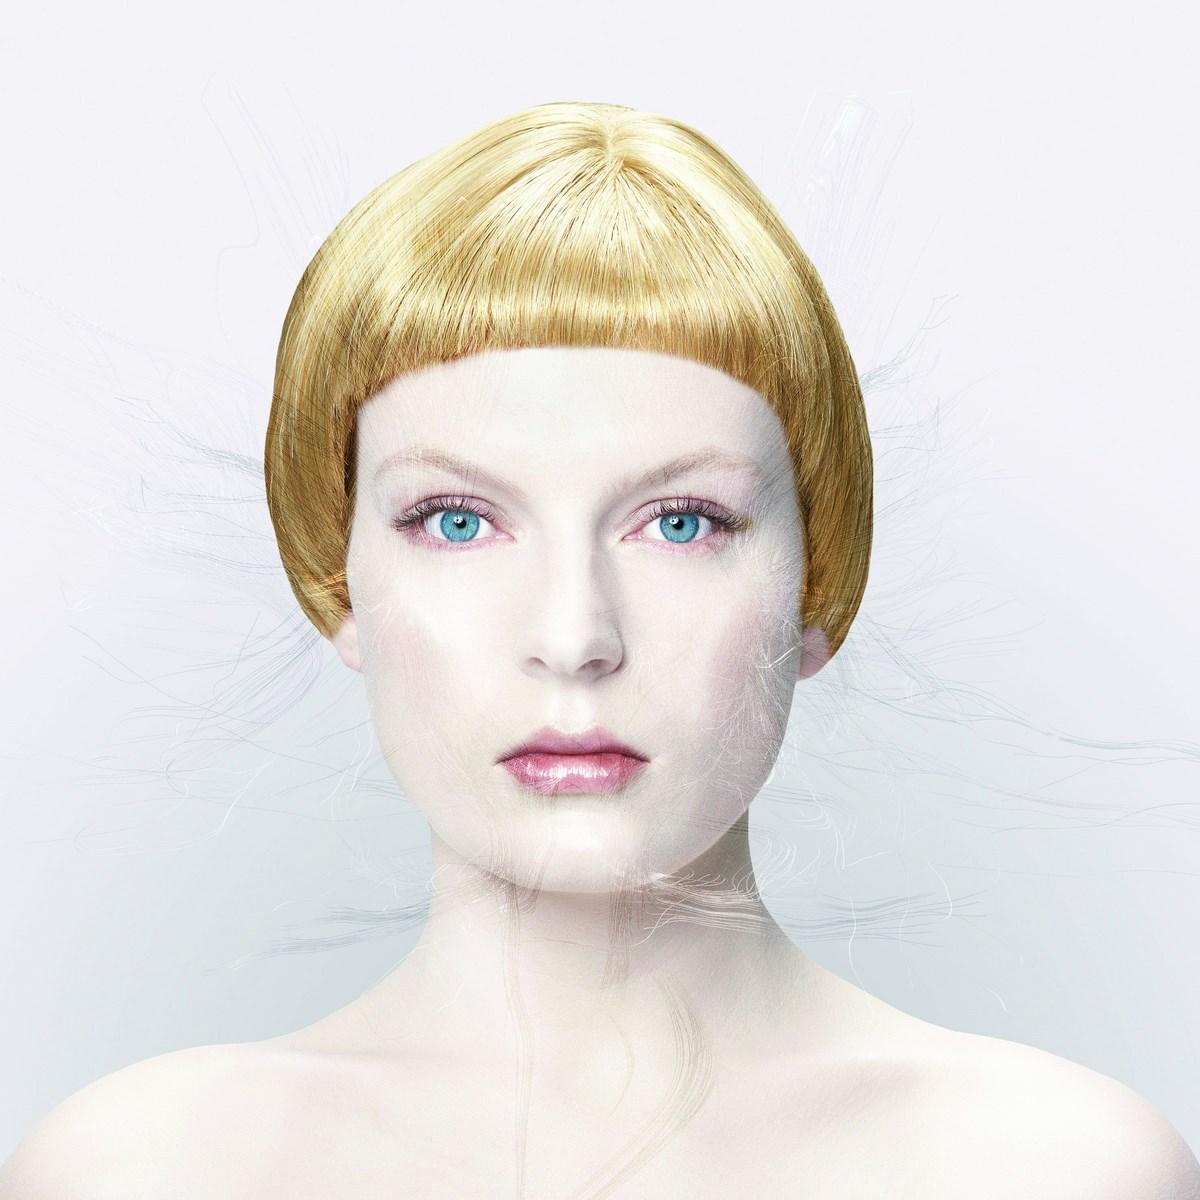 """Michael Najjar, """"bionic angel"""", 2007, z serii """"bionic angel"""" (2006-2008), fot. dzięki uprzejmości artysty i Kolekcji Grażyny Kulczyk (źródło: materiały prasowe organizatora)"""